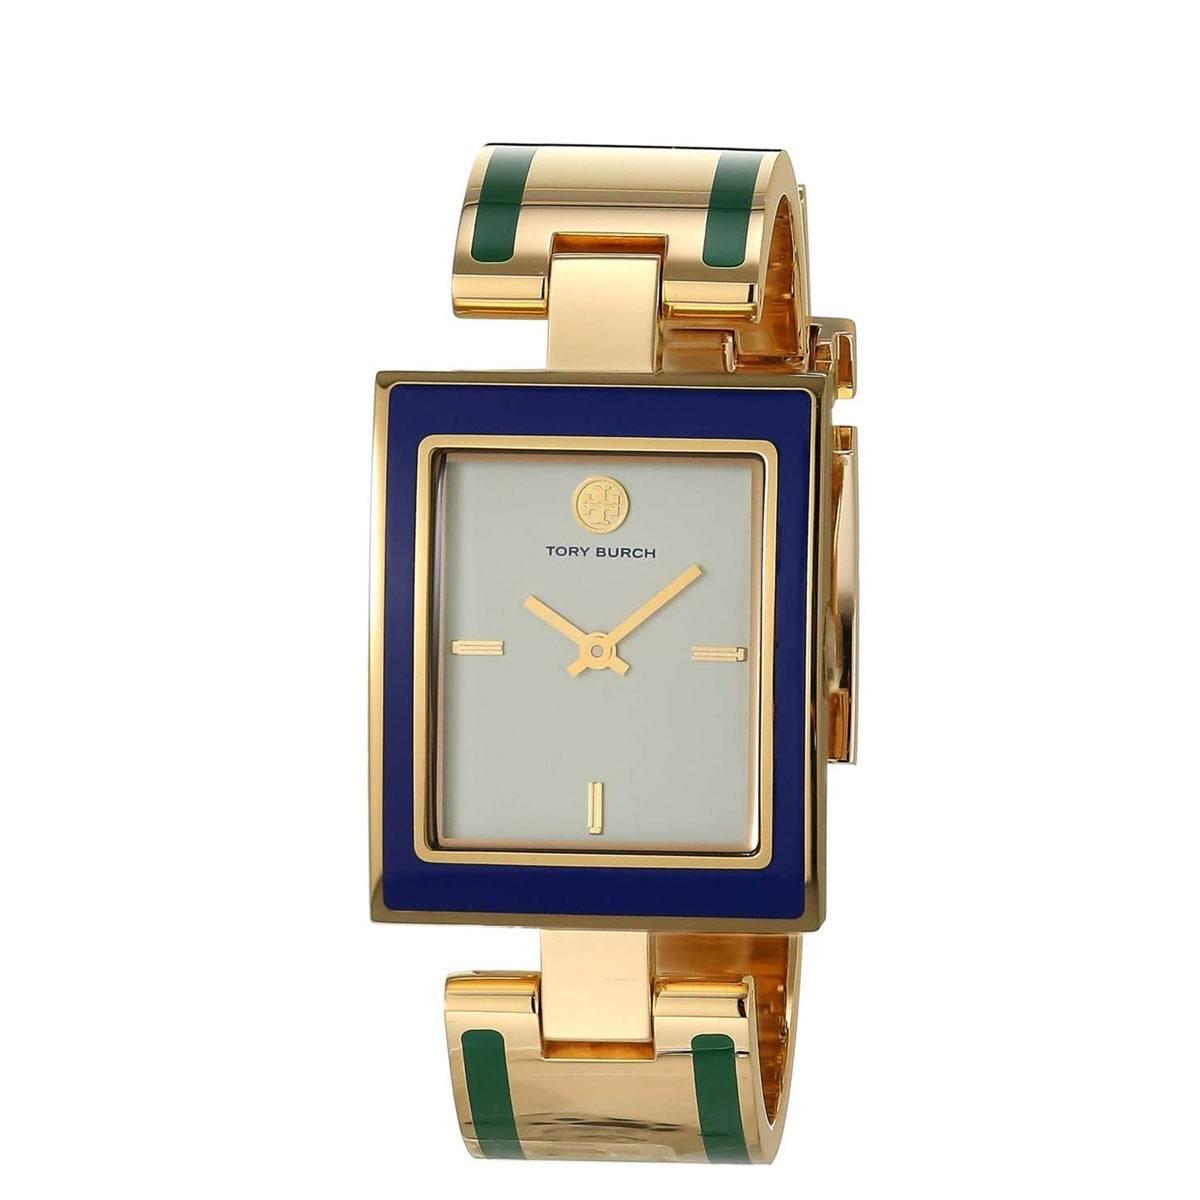 トリーバーチ 時計 即出荷 腕時計 ◆在庫限り◆ レディース ブレスレット Burch ブランド Tory スクエア おしゃれ